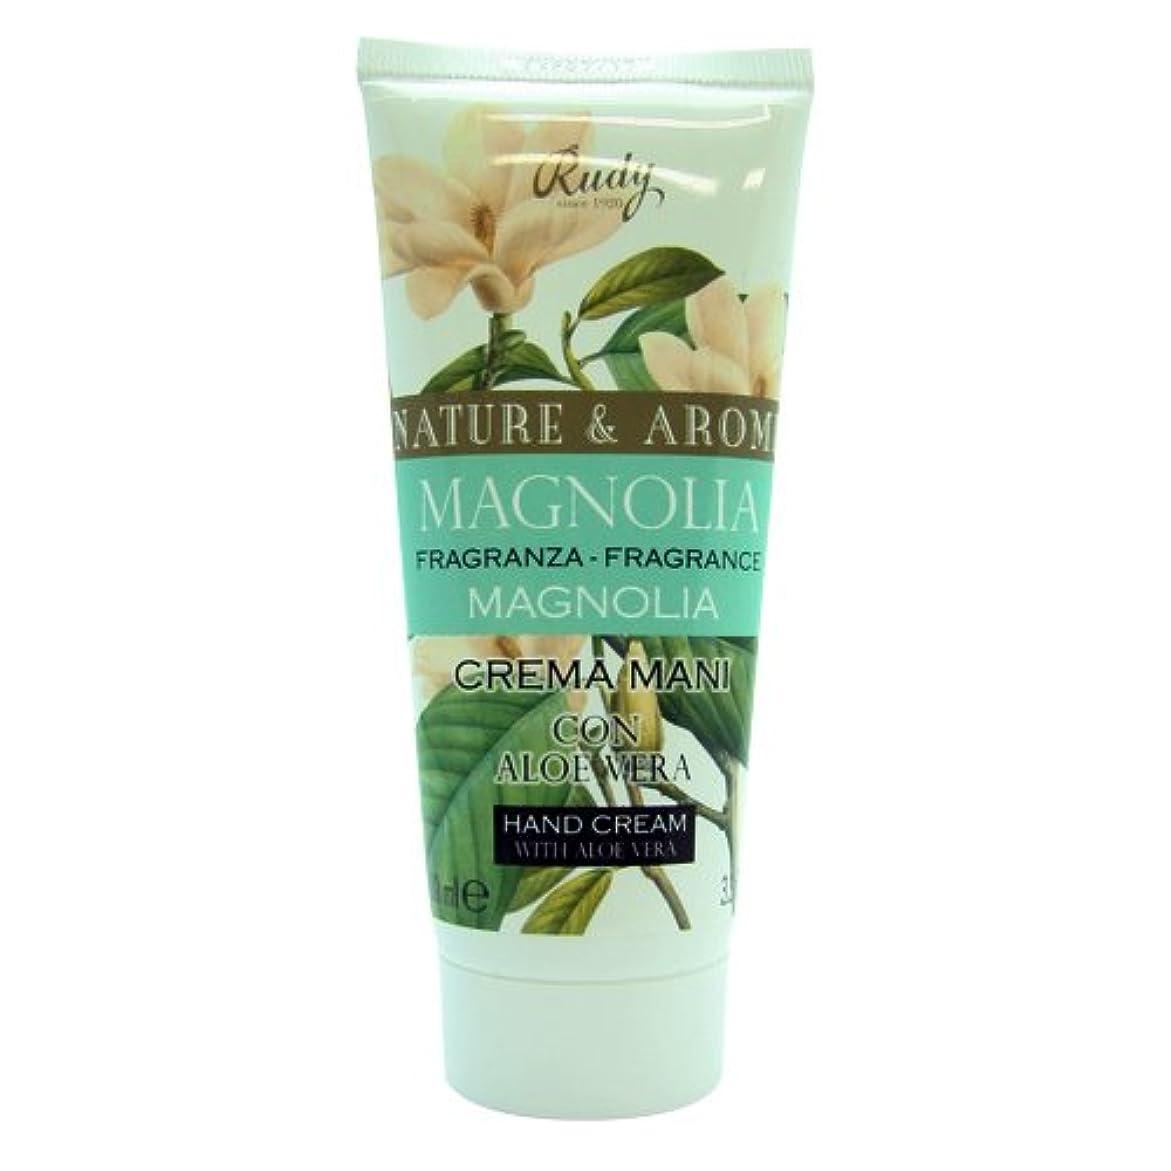 作物検出可能ハンバーガーRUDY Nature&Arome SERIES ルディ ナチュール&アロマ Hand Cream ハンドクリーム  Magnolia マグノリア